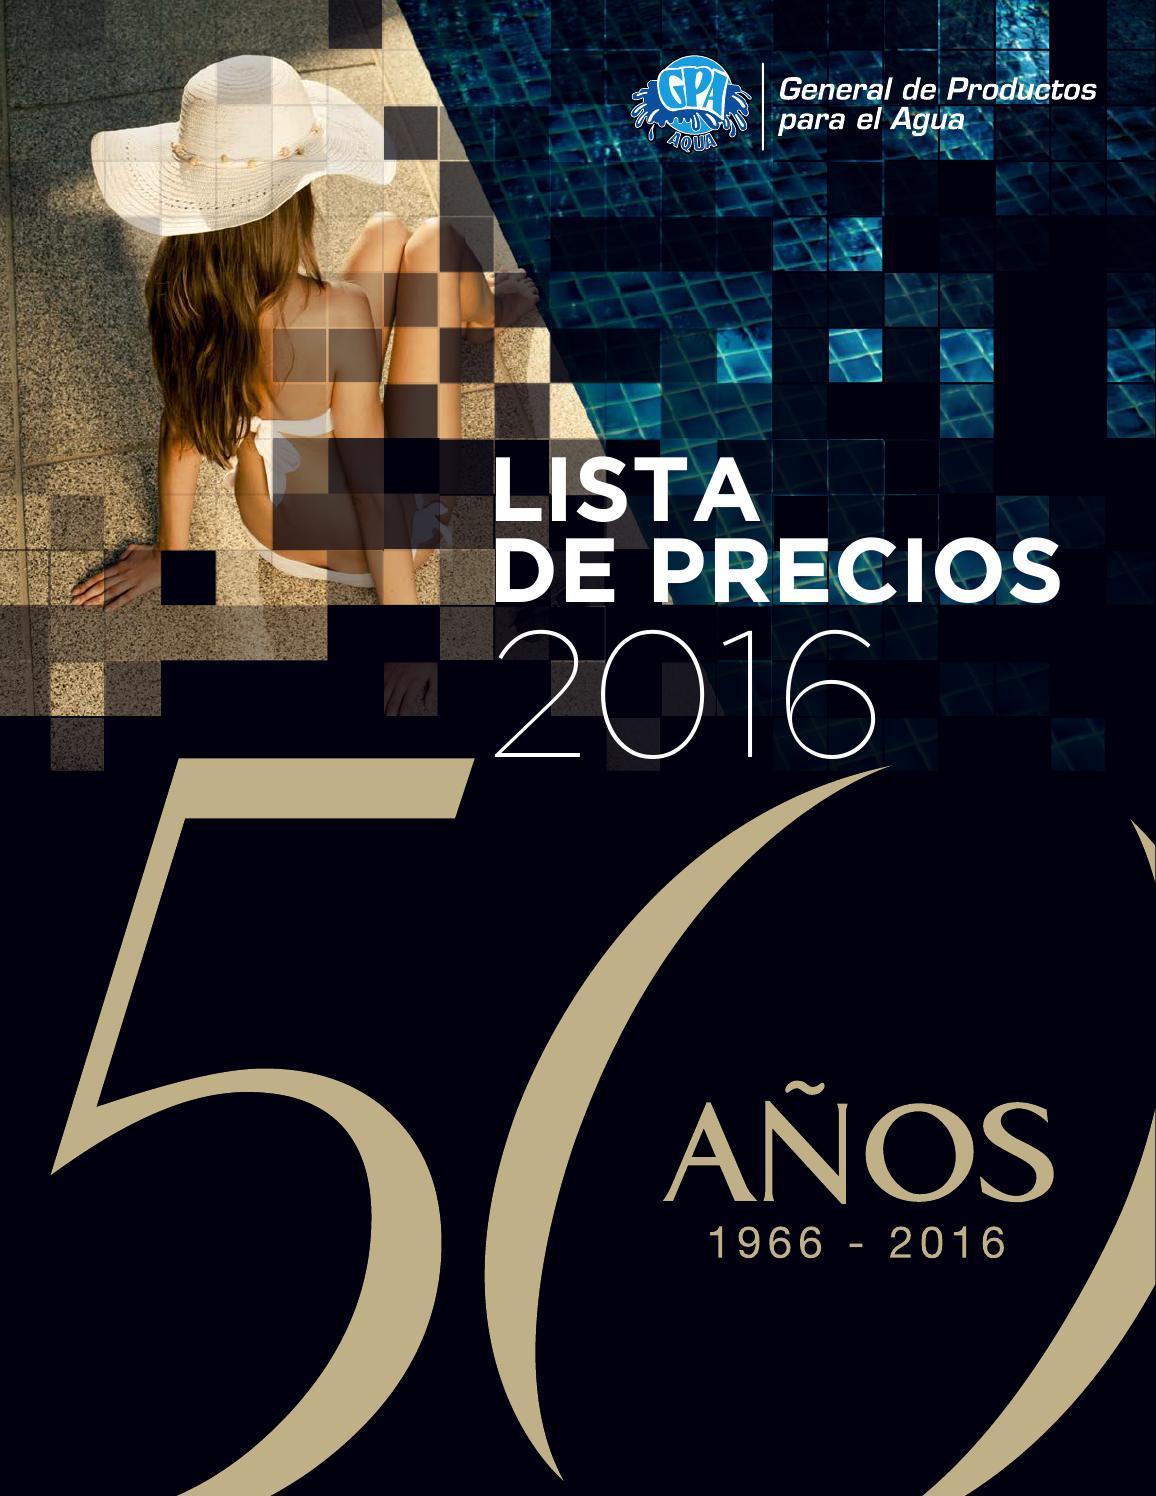 Lista de precios 2016 pdf by Carlos Leal - issuu